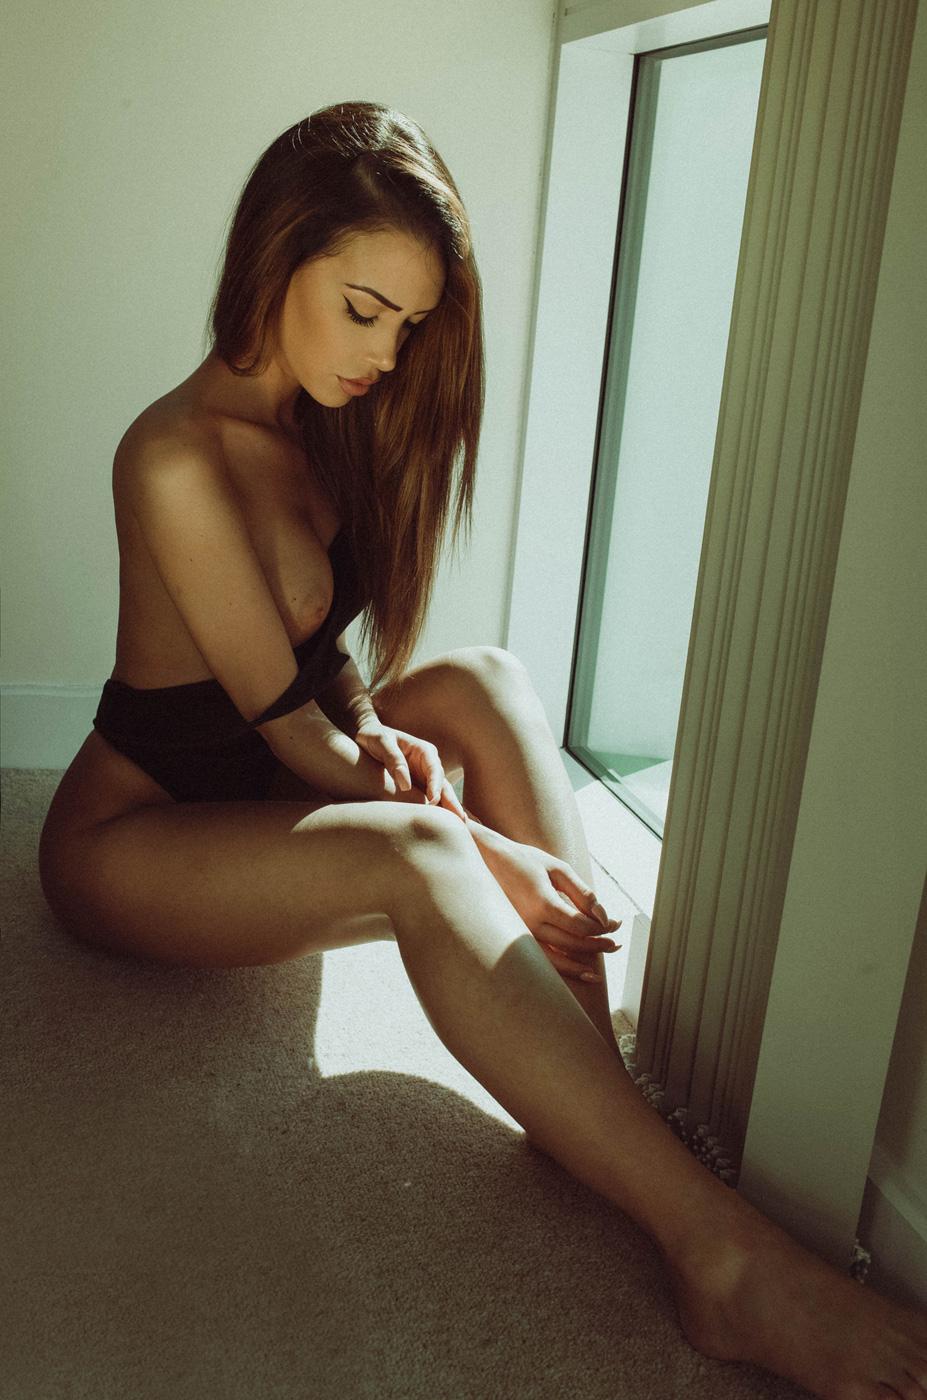 Maryannax